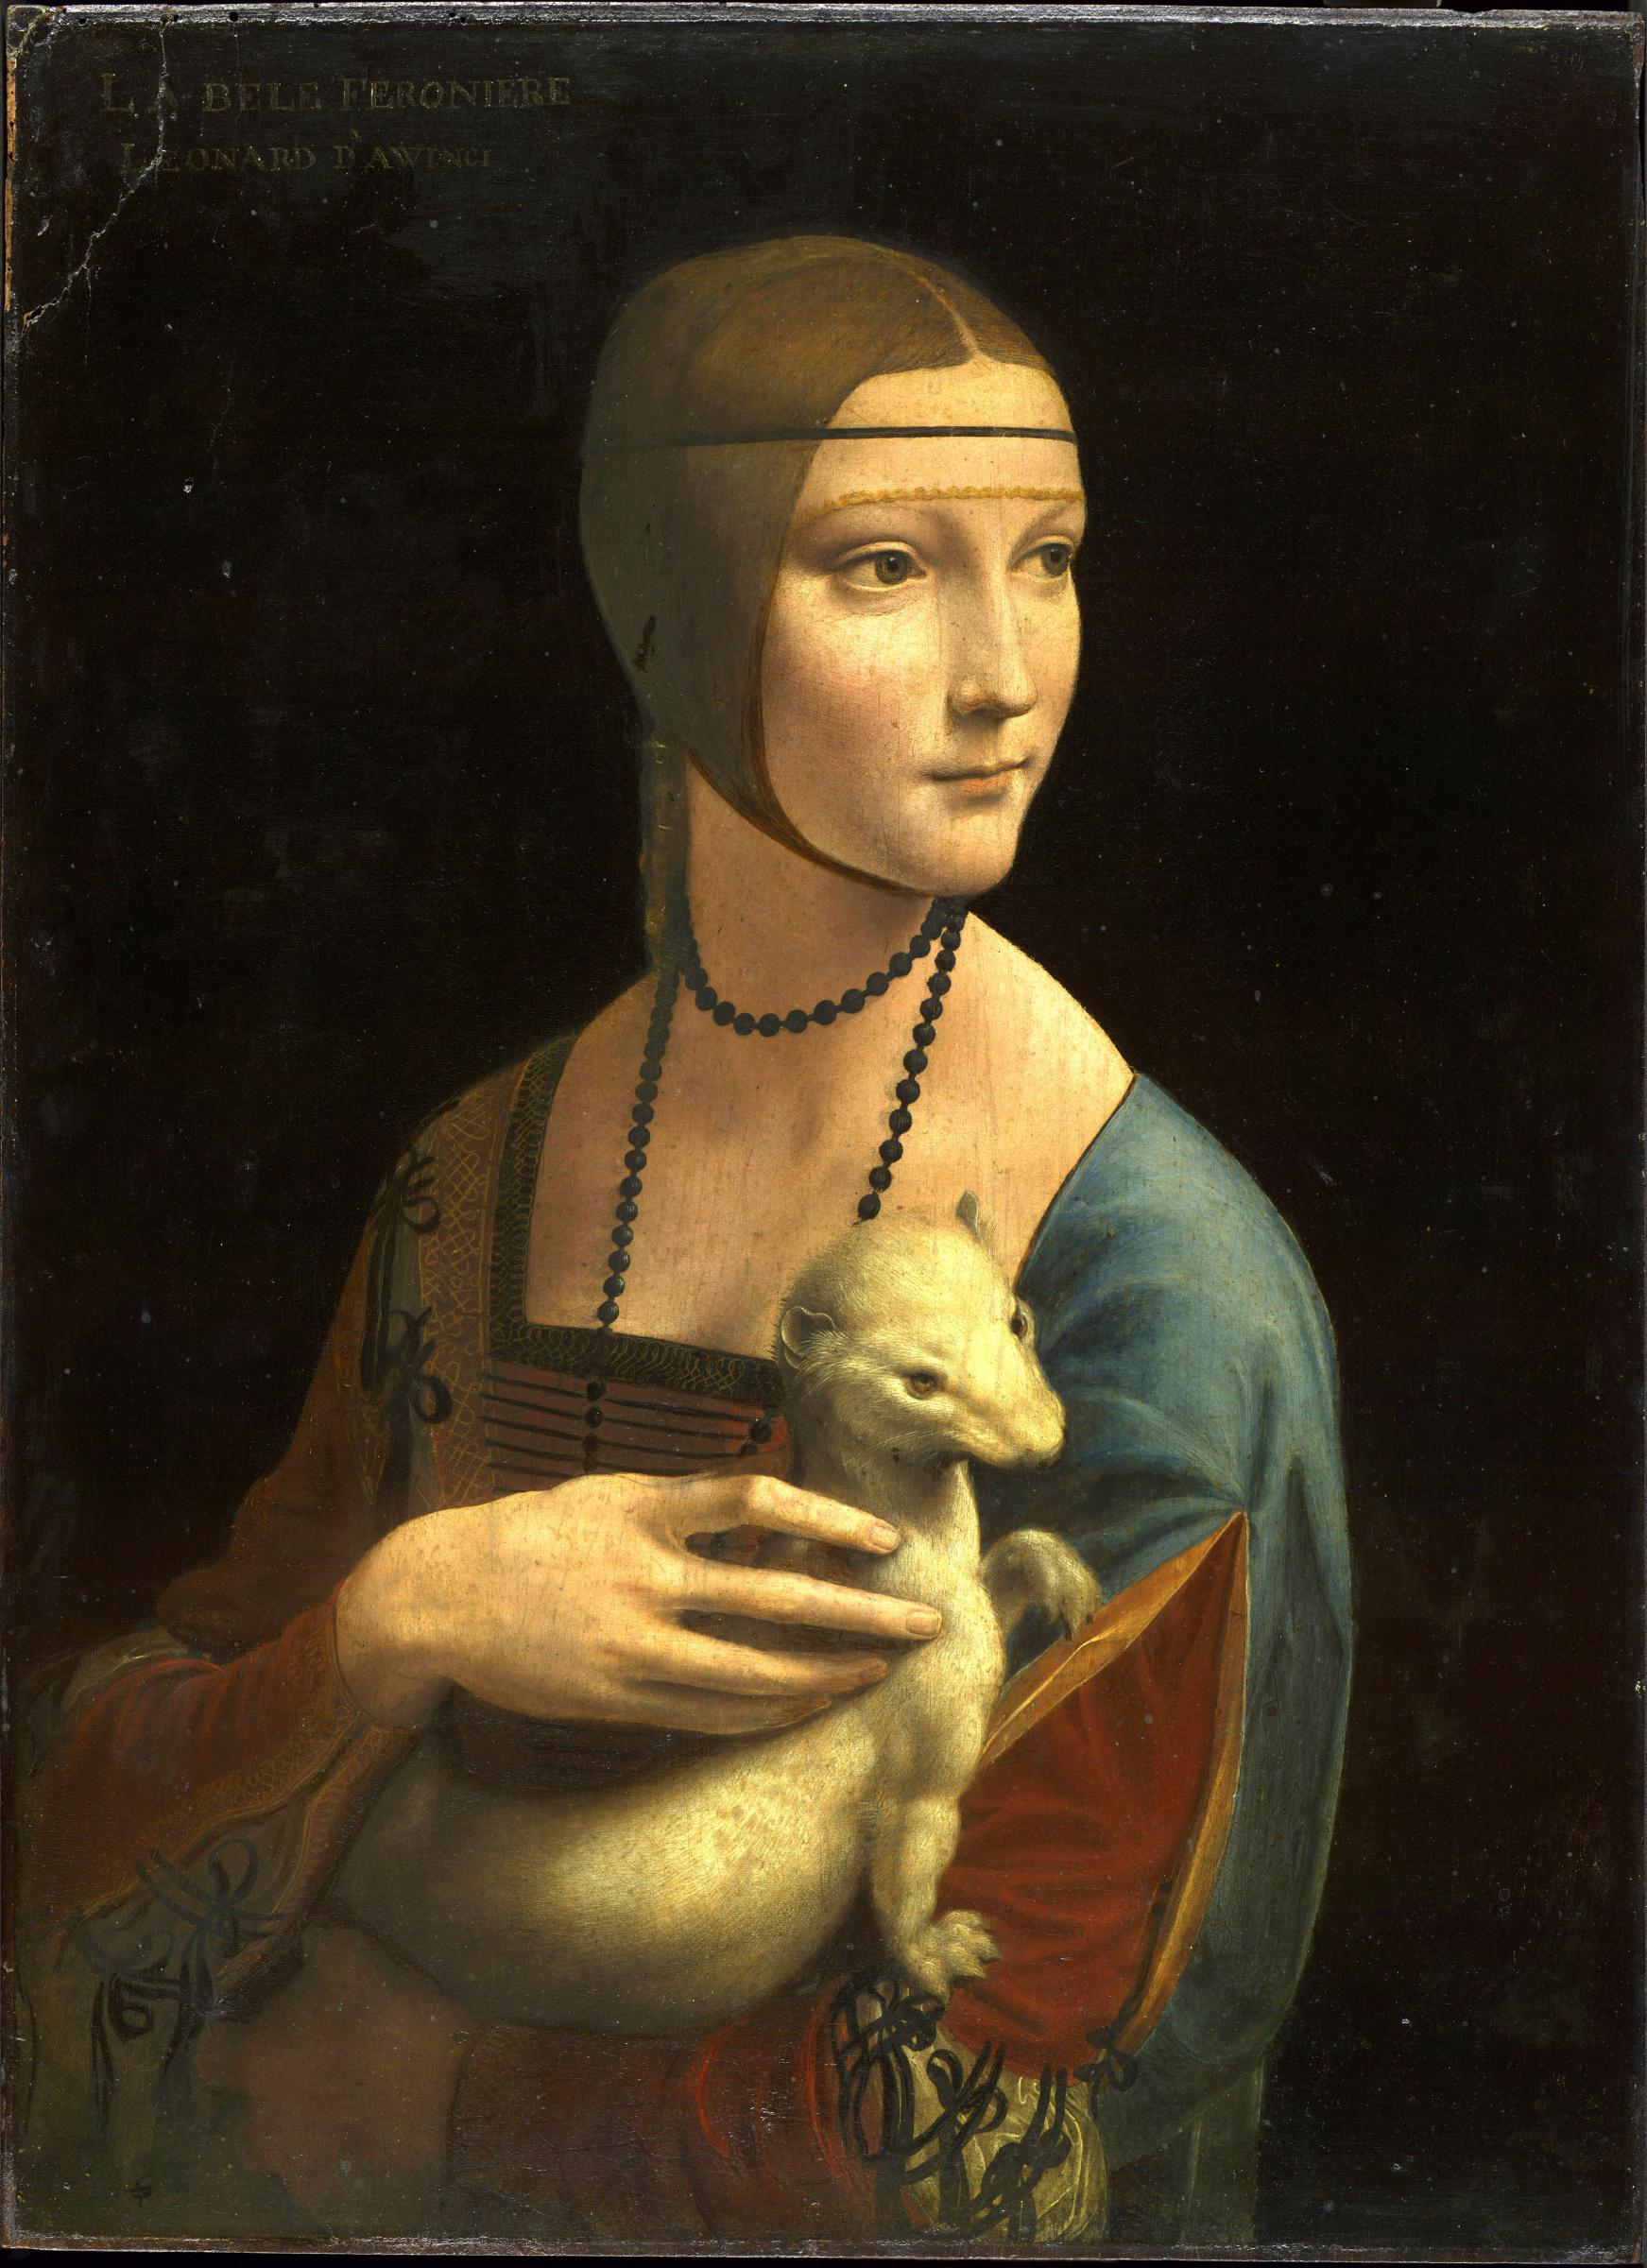 Леонардо да Винчи. Дама с горностаем. Цецилия (Чечилия) Галлерани